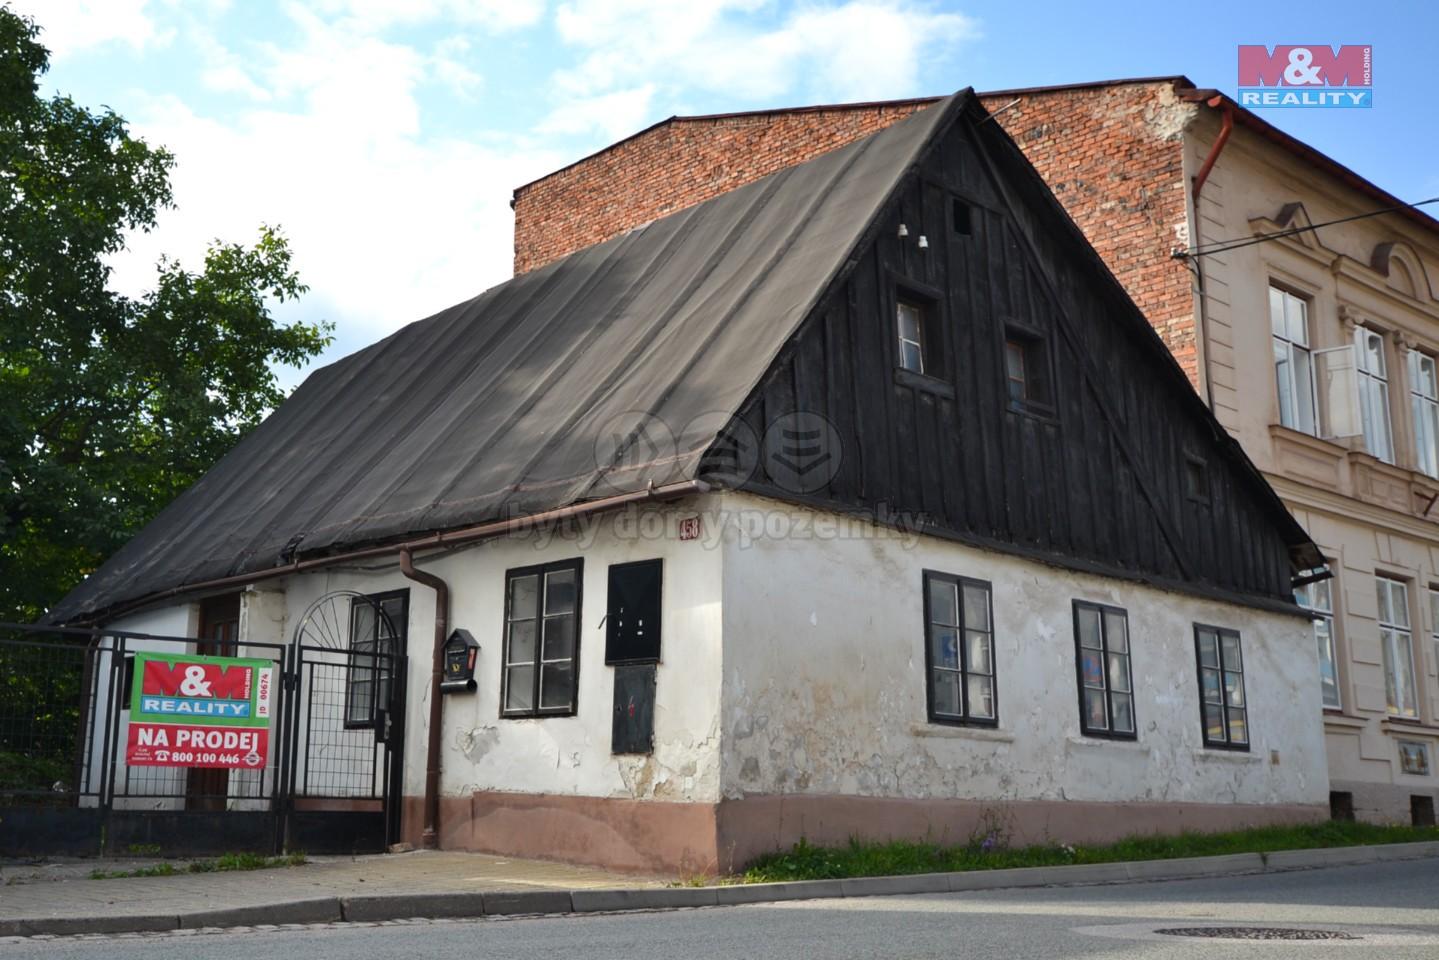 Prodej, chalupa, Vrchlabí, ul. Jihoslovanská